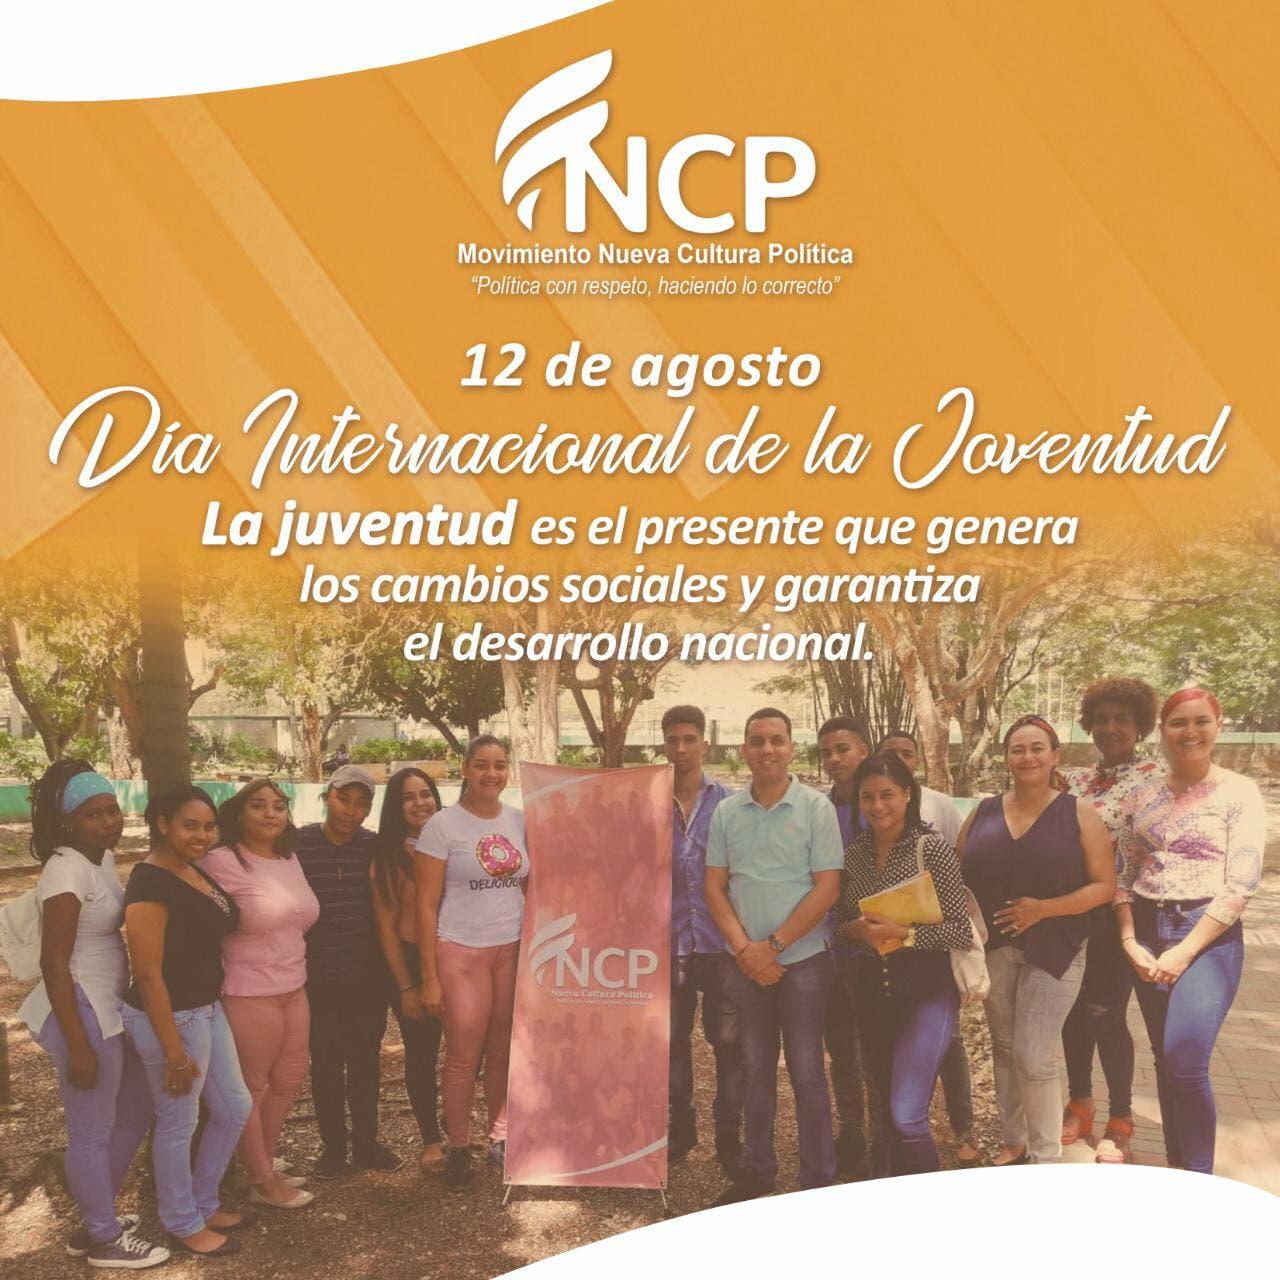 «Hay una deuda pendiente con la juventud», dice Movimiento Nueva Cultura Política  en el Día Internacional de la Juventud